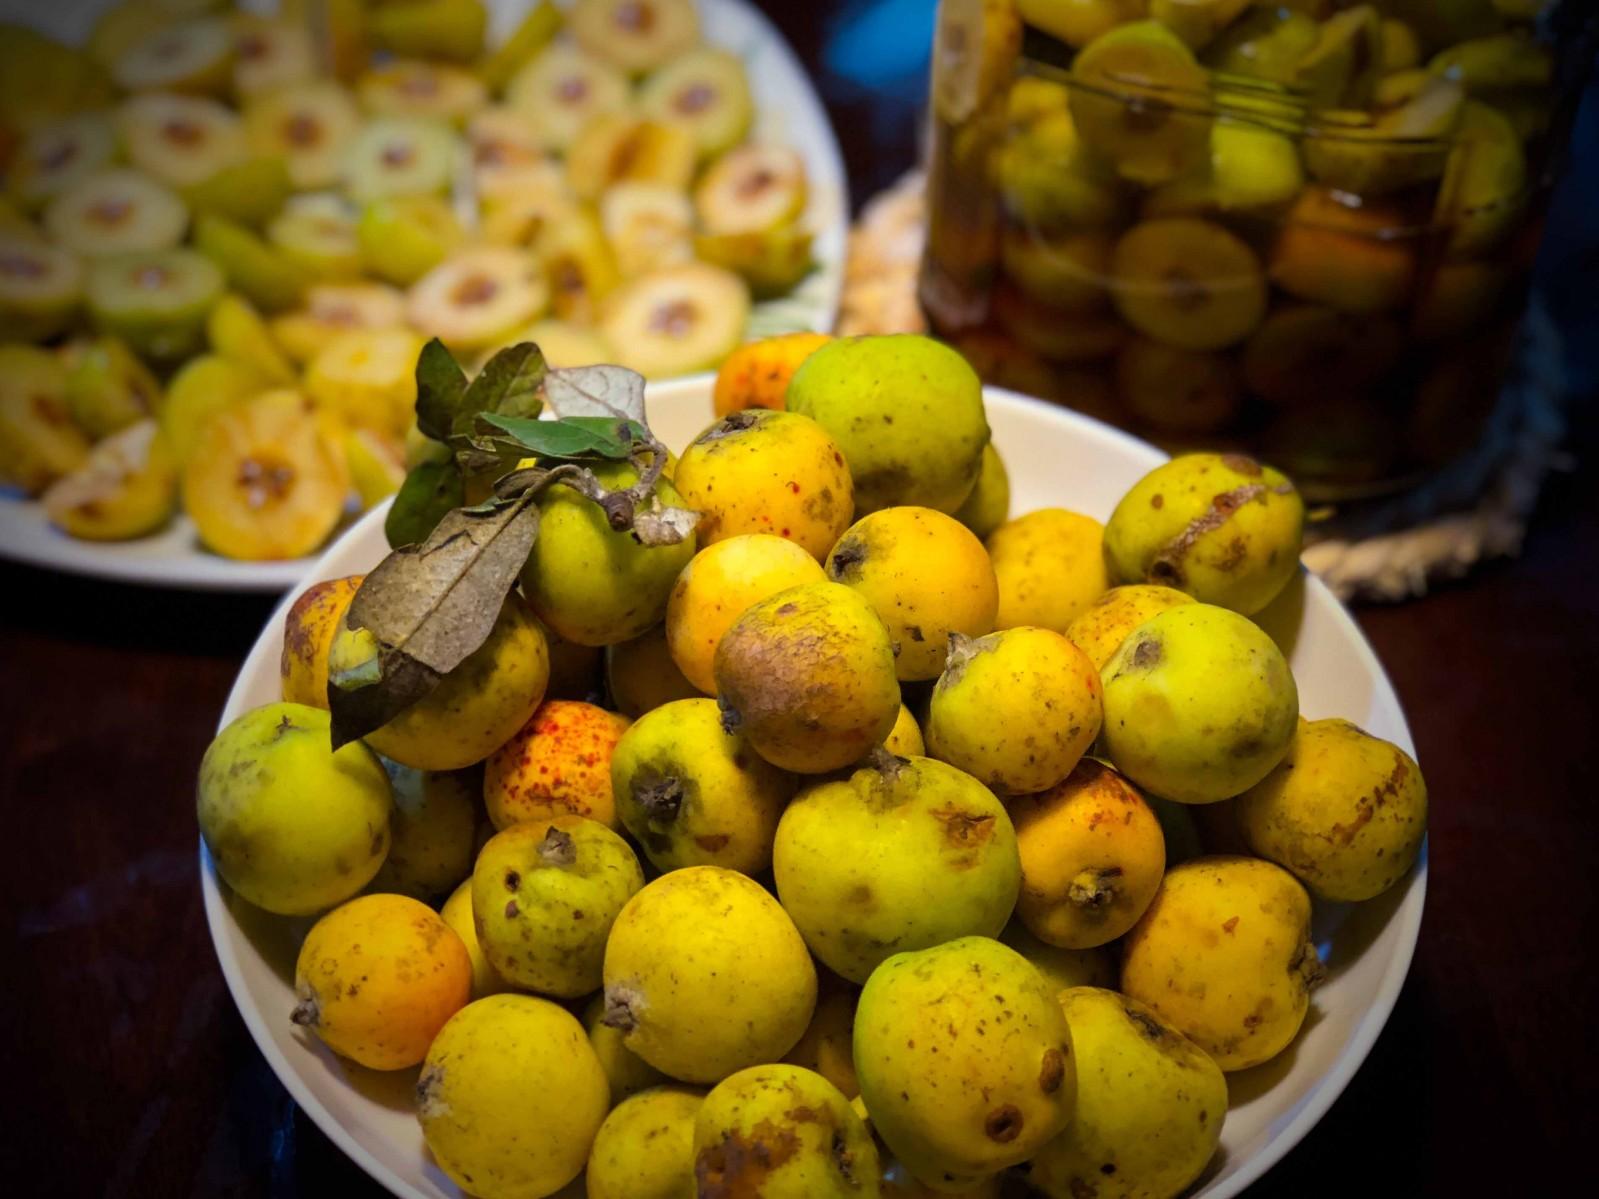 Những trái táo mèo vàng ươm, mang về rửa sạch, ngâm cùng với rượu nếp sẽ cho ra thứ rượu táo mèo thơm dịu, càng uống càng ngọt càng say.